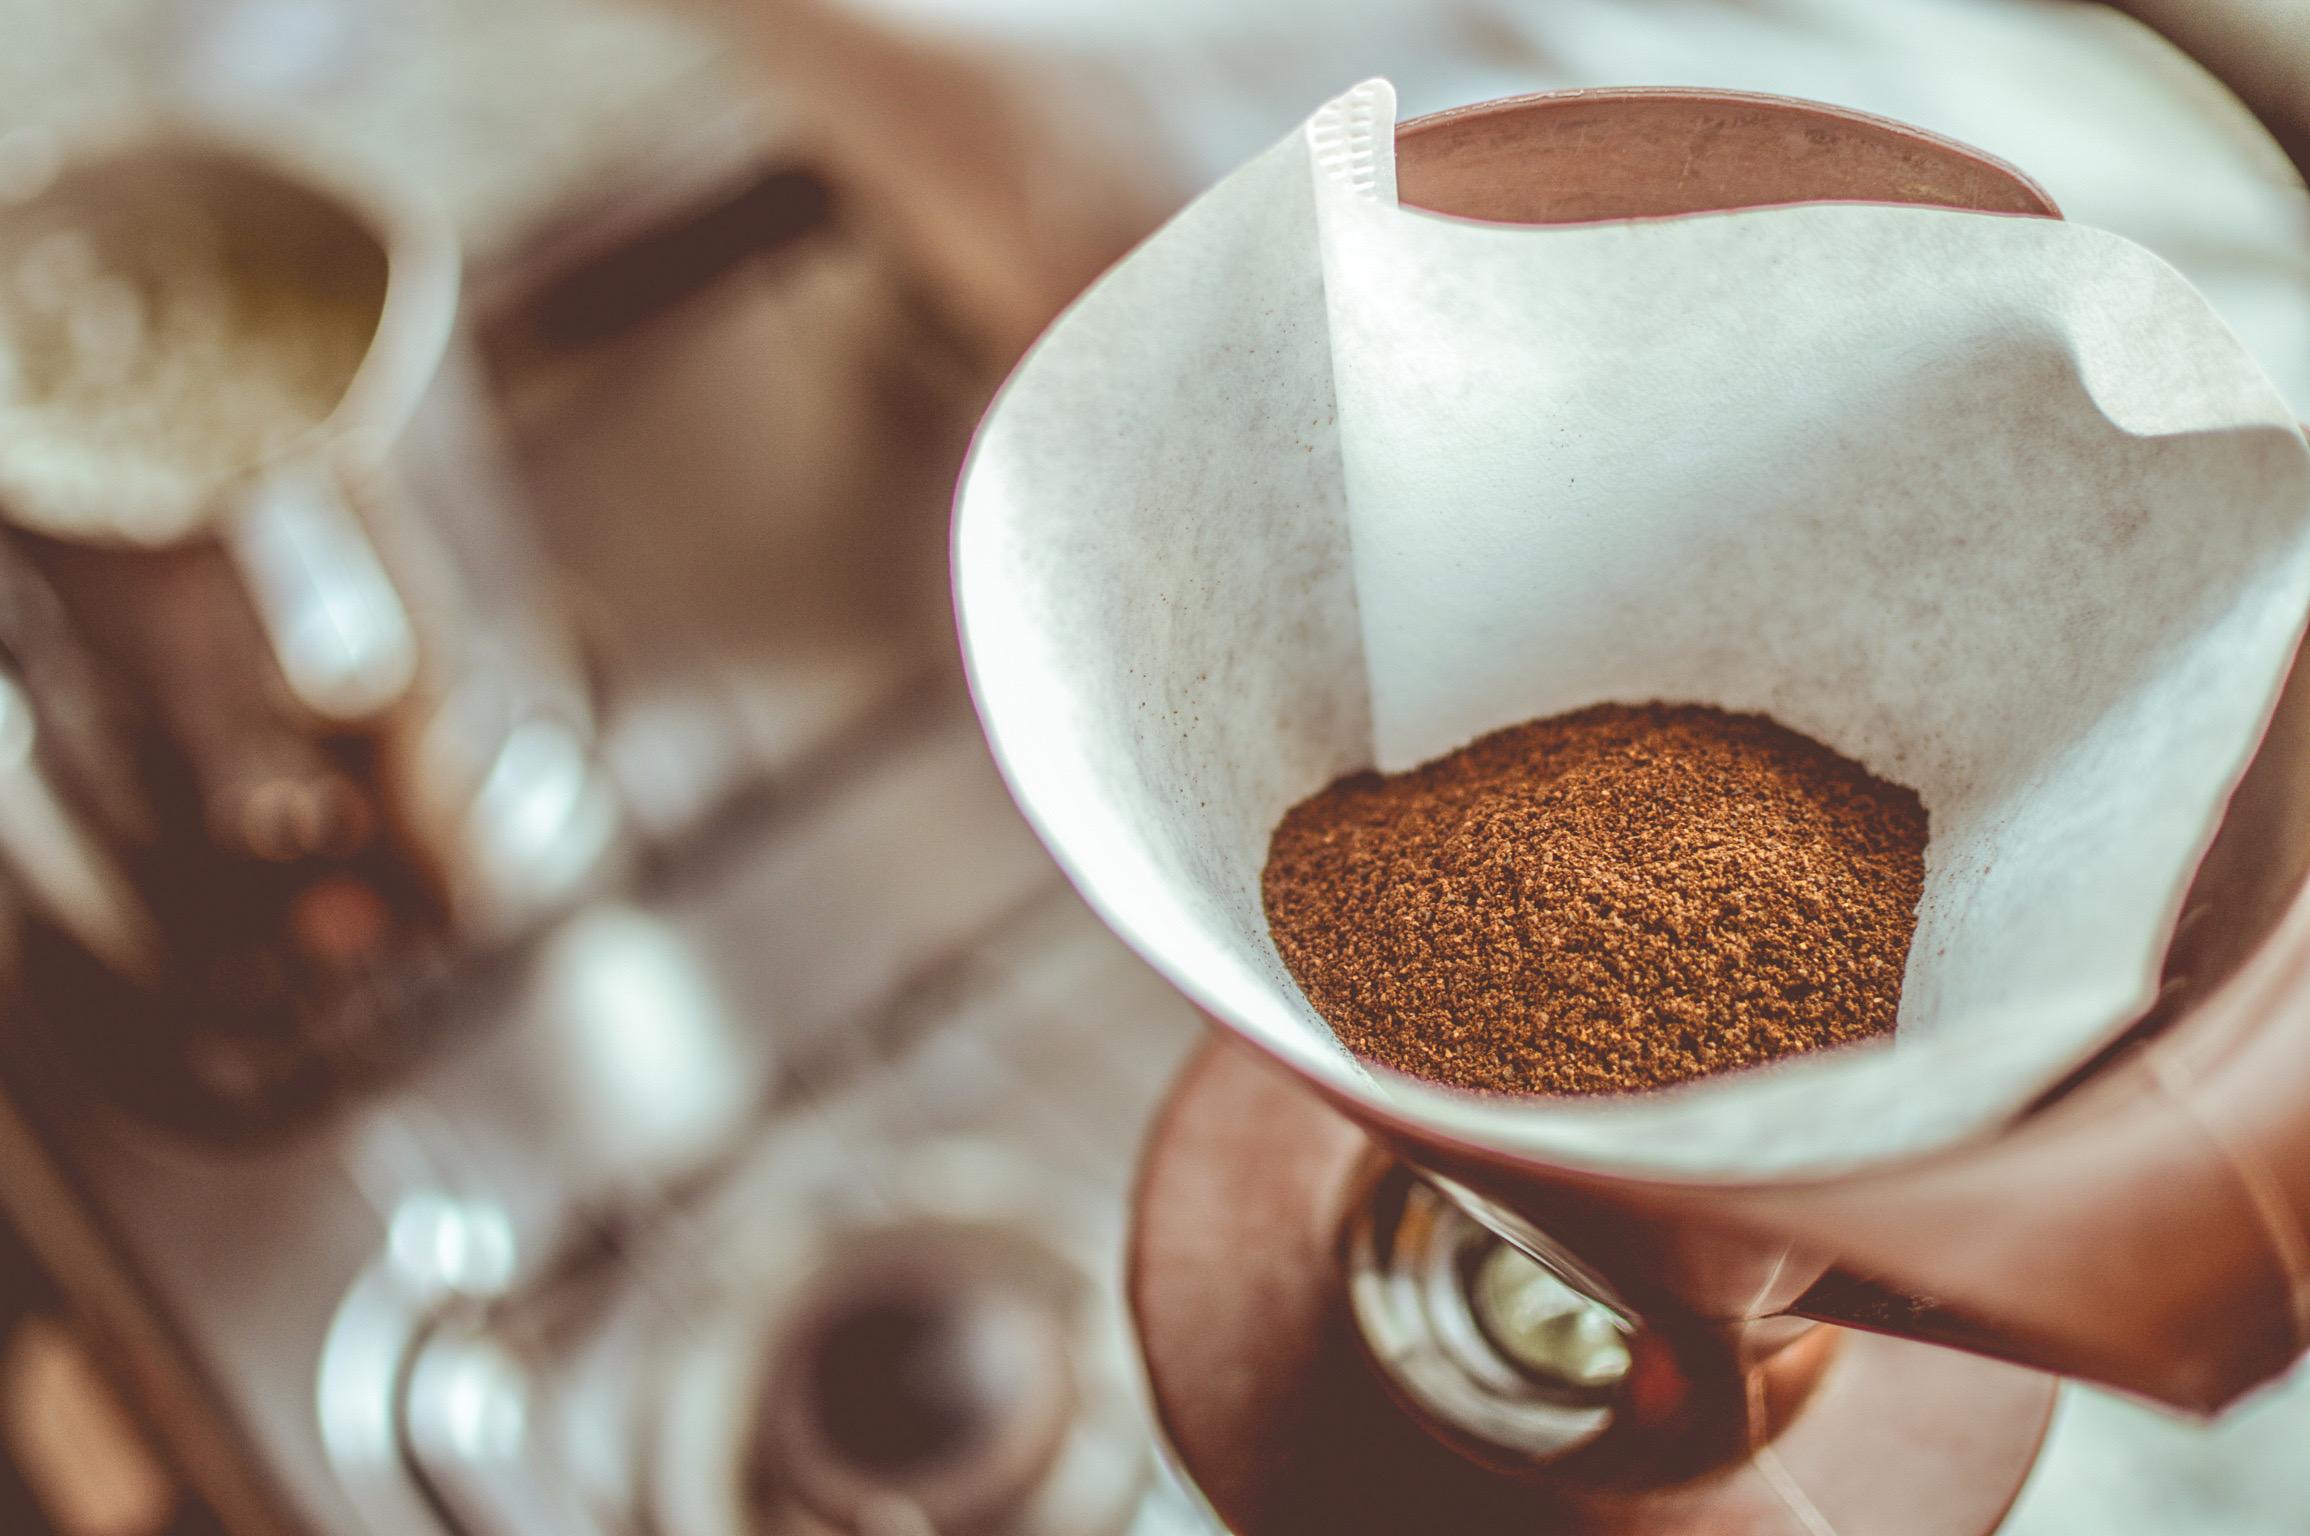 Ergotherapie - Koffie zetten voor bezoek